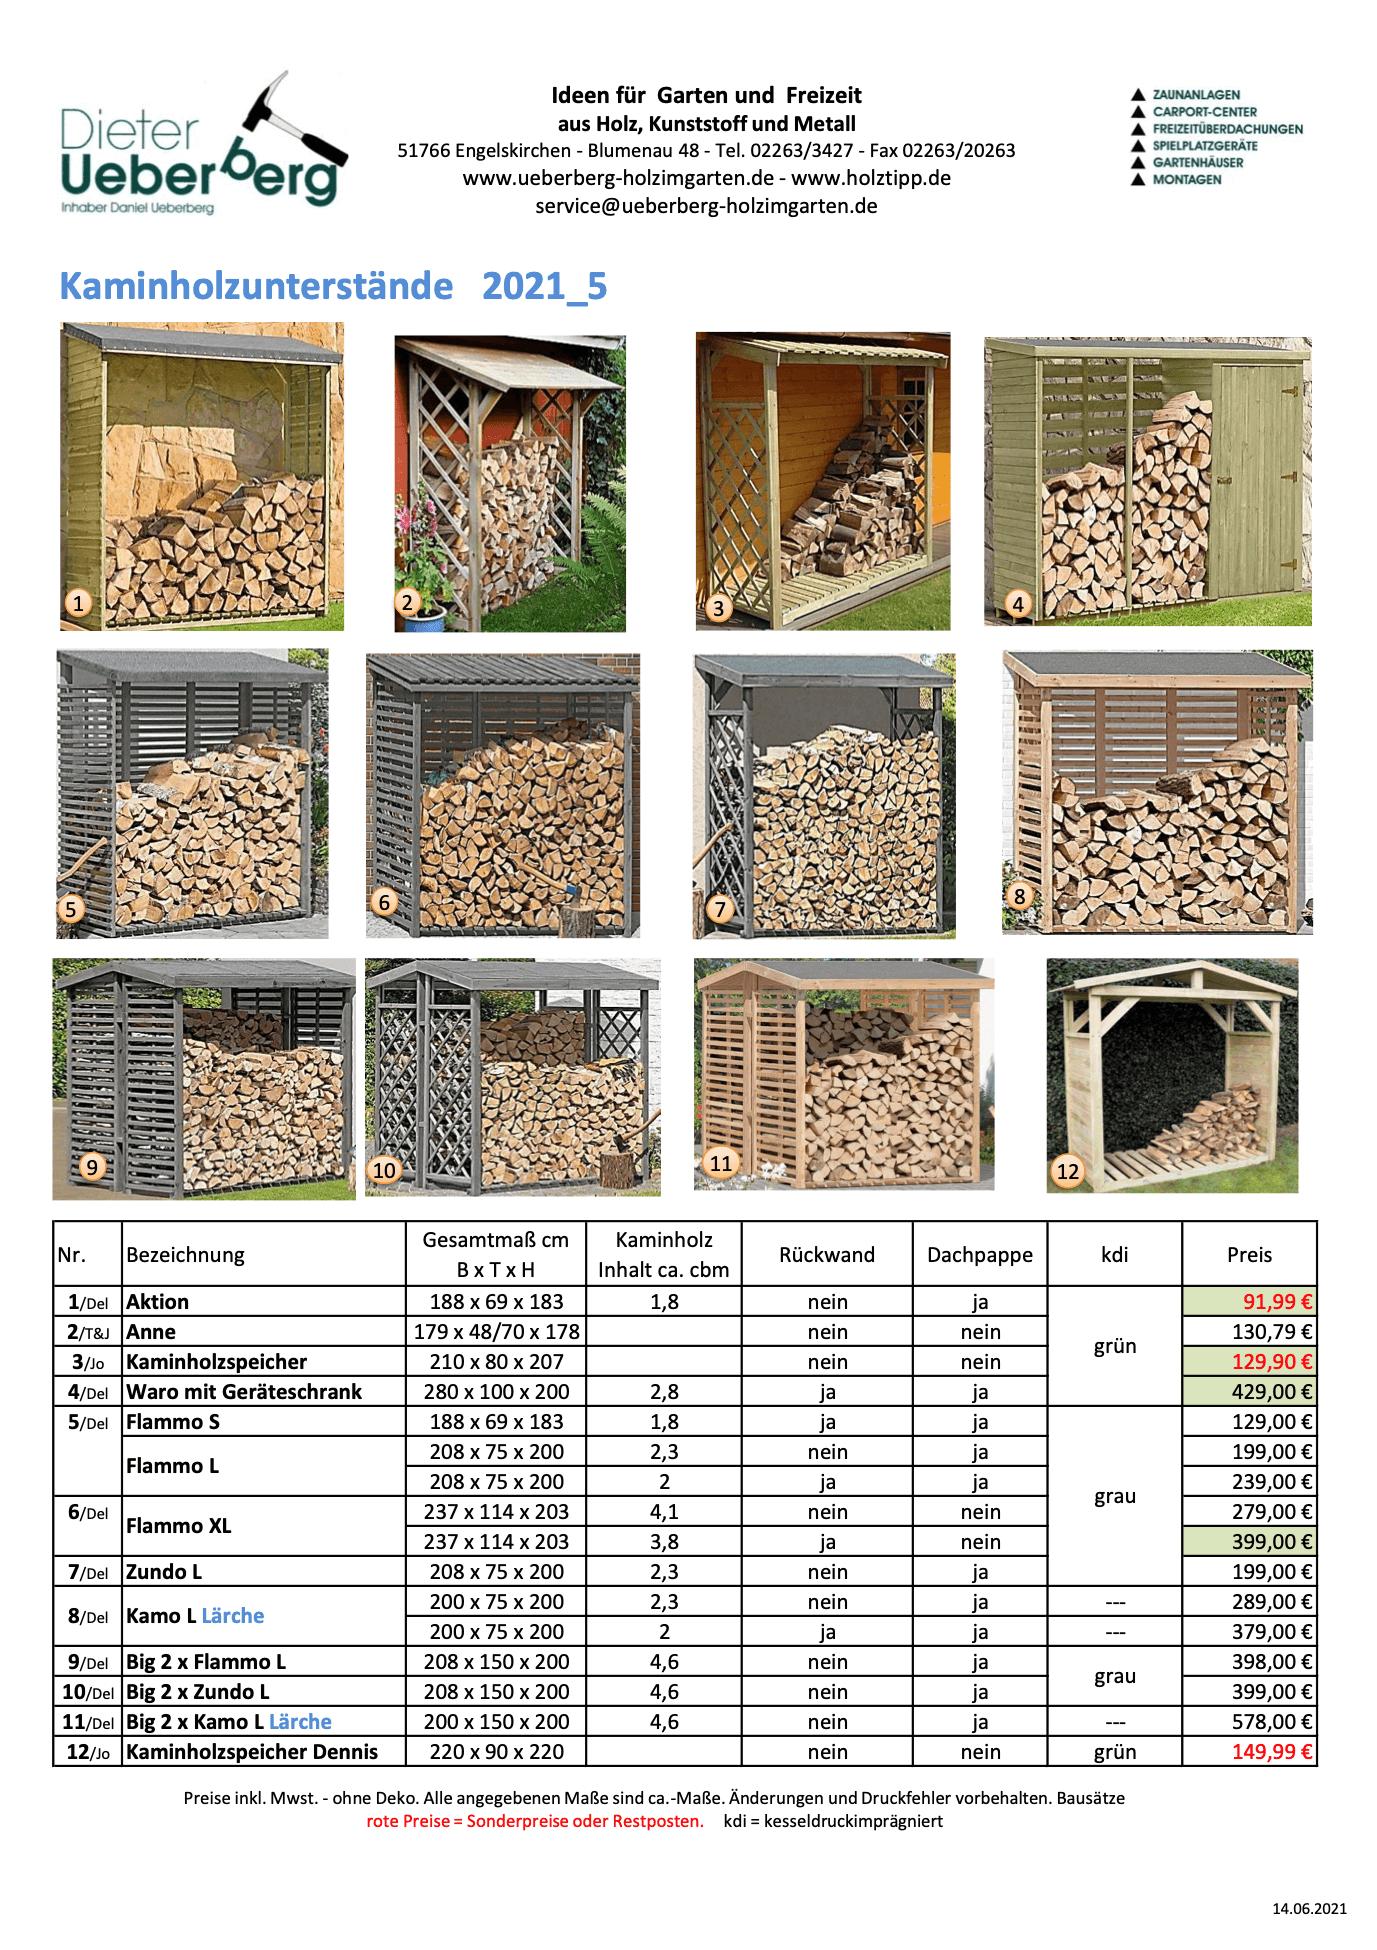 Kaminholzunterstände Ueberberg 2021 _5